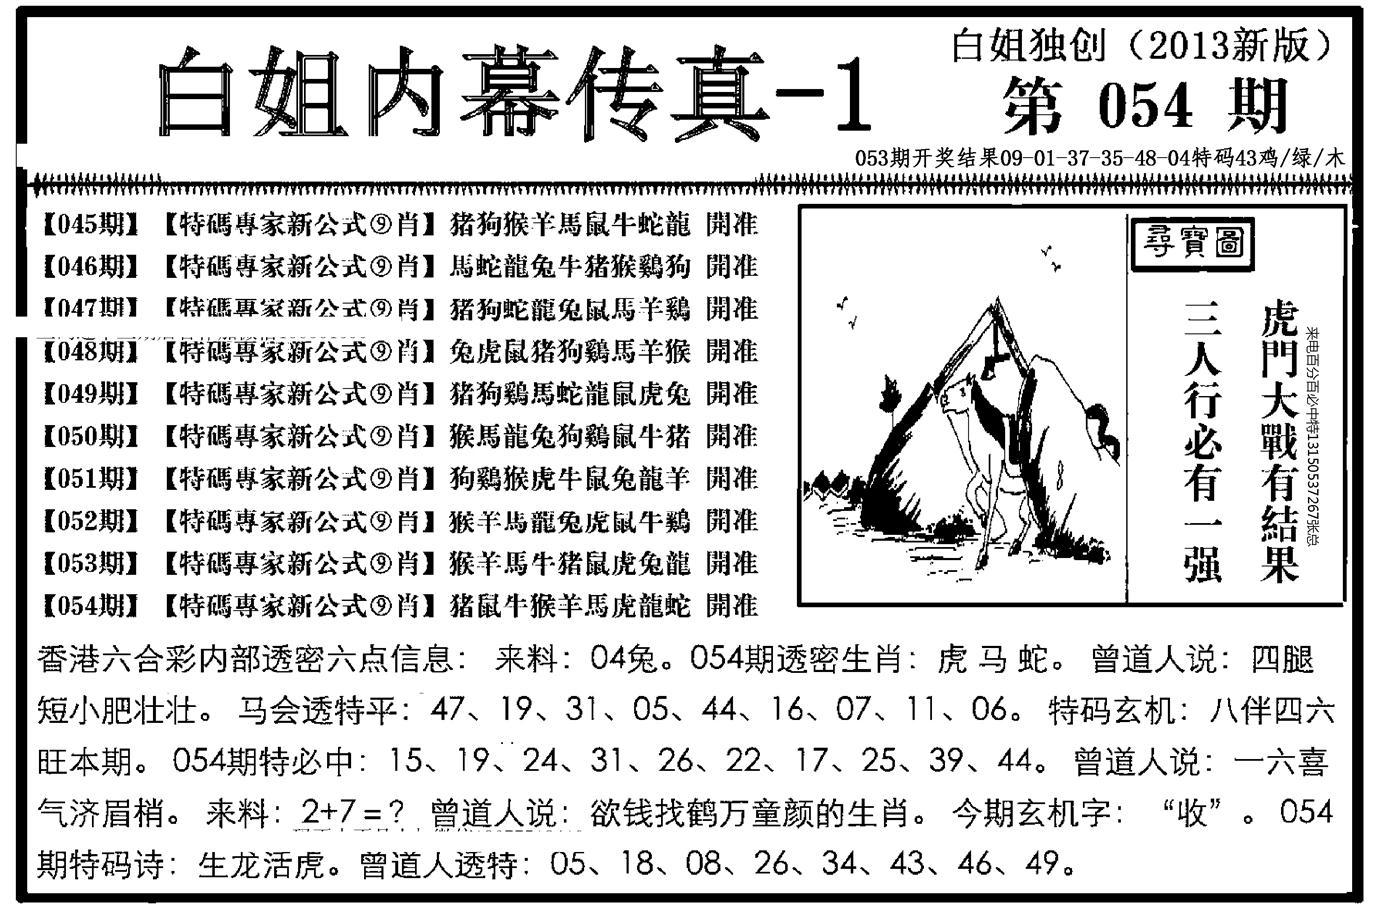 054期白姐内幕传真-1(黑白)